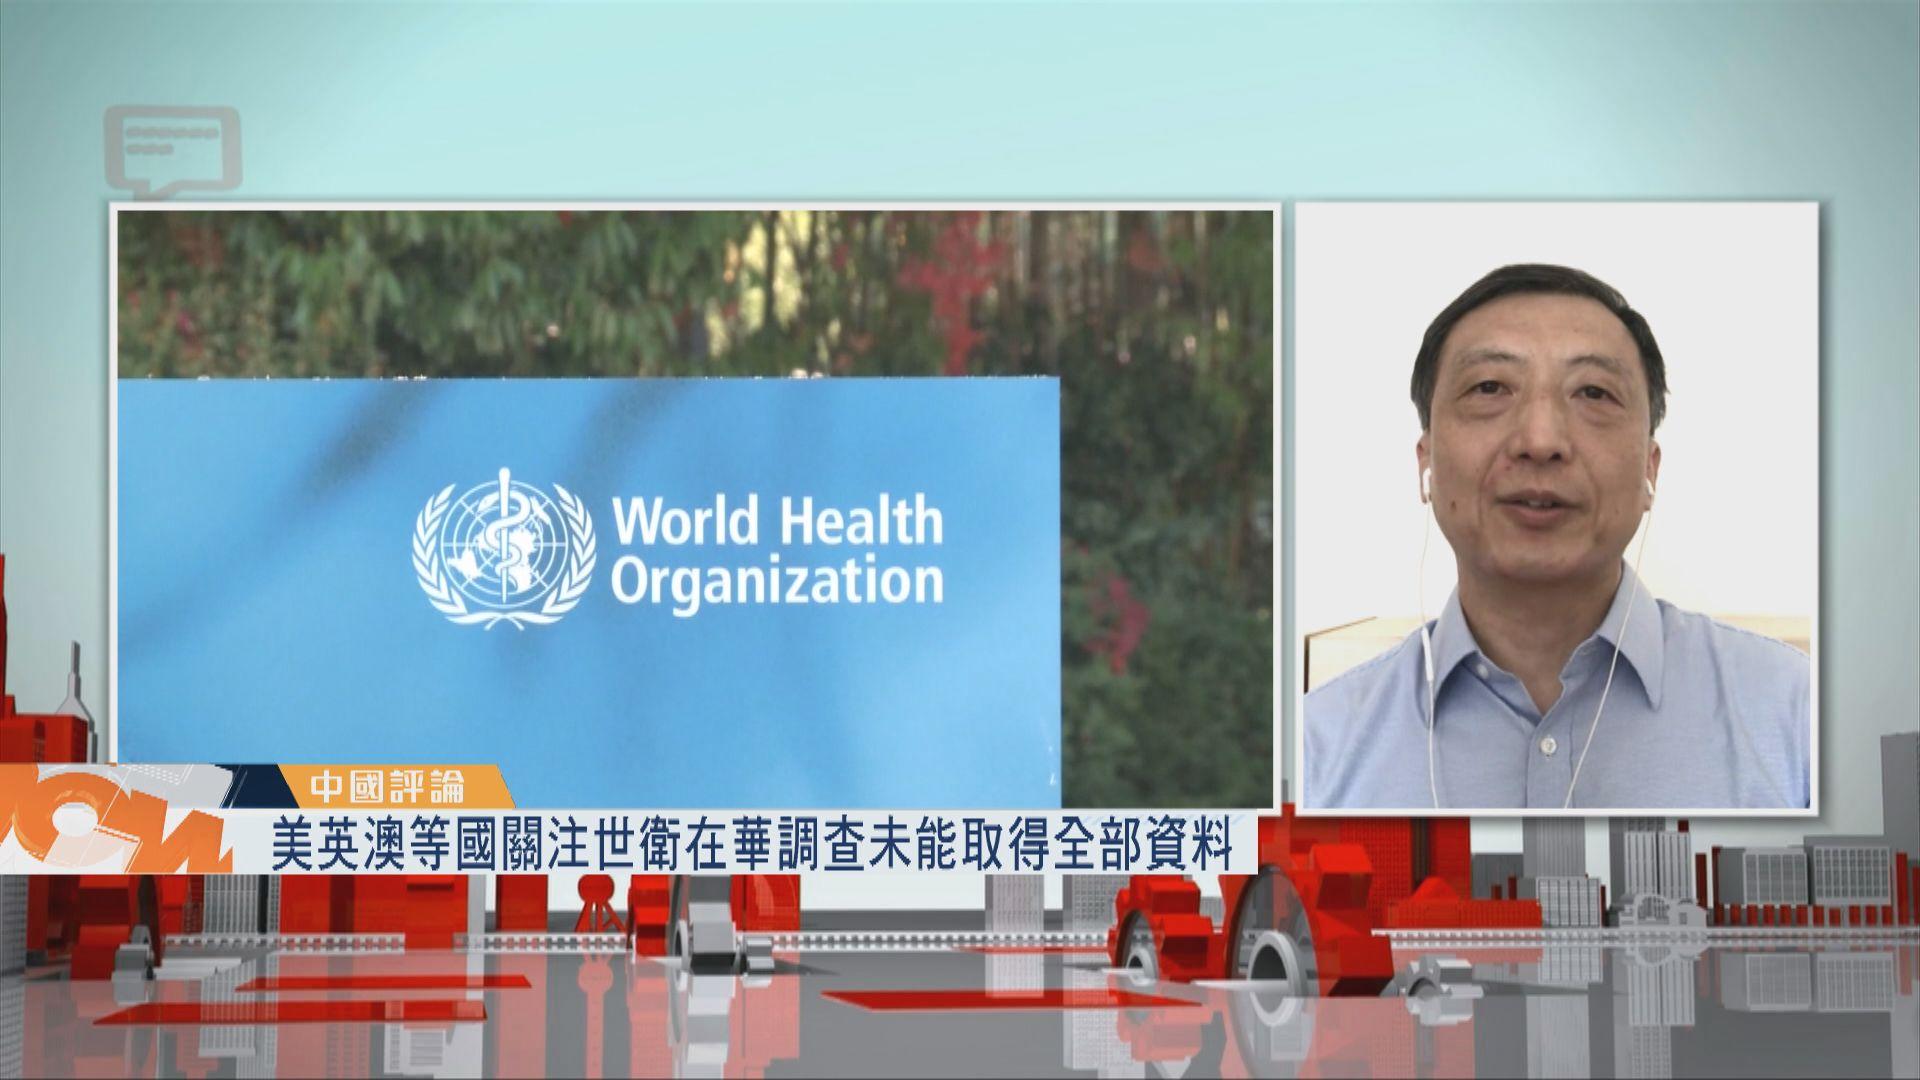 【中國評論】中美交鋒延伸至新冠病毒溯源範疇